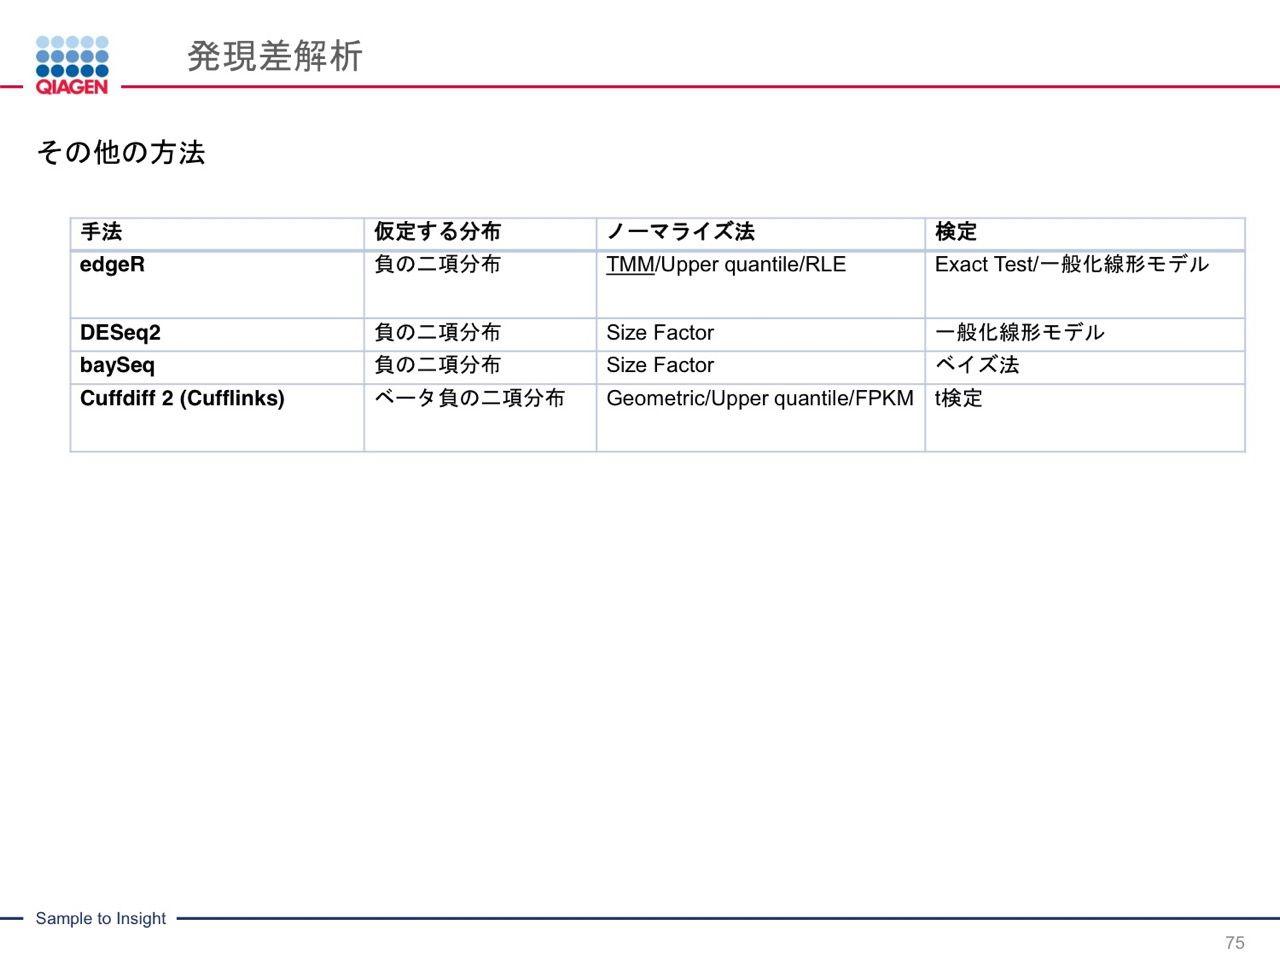 images/AJACSa2_miyamoto_075.jpg